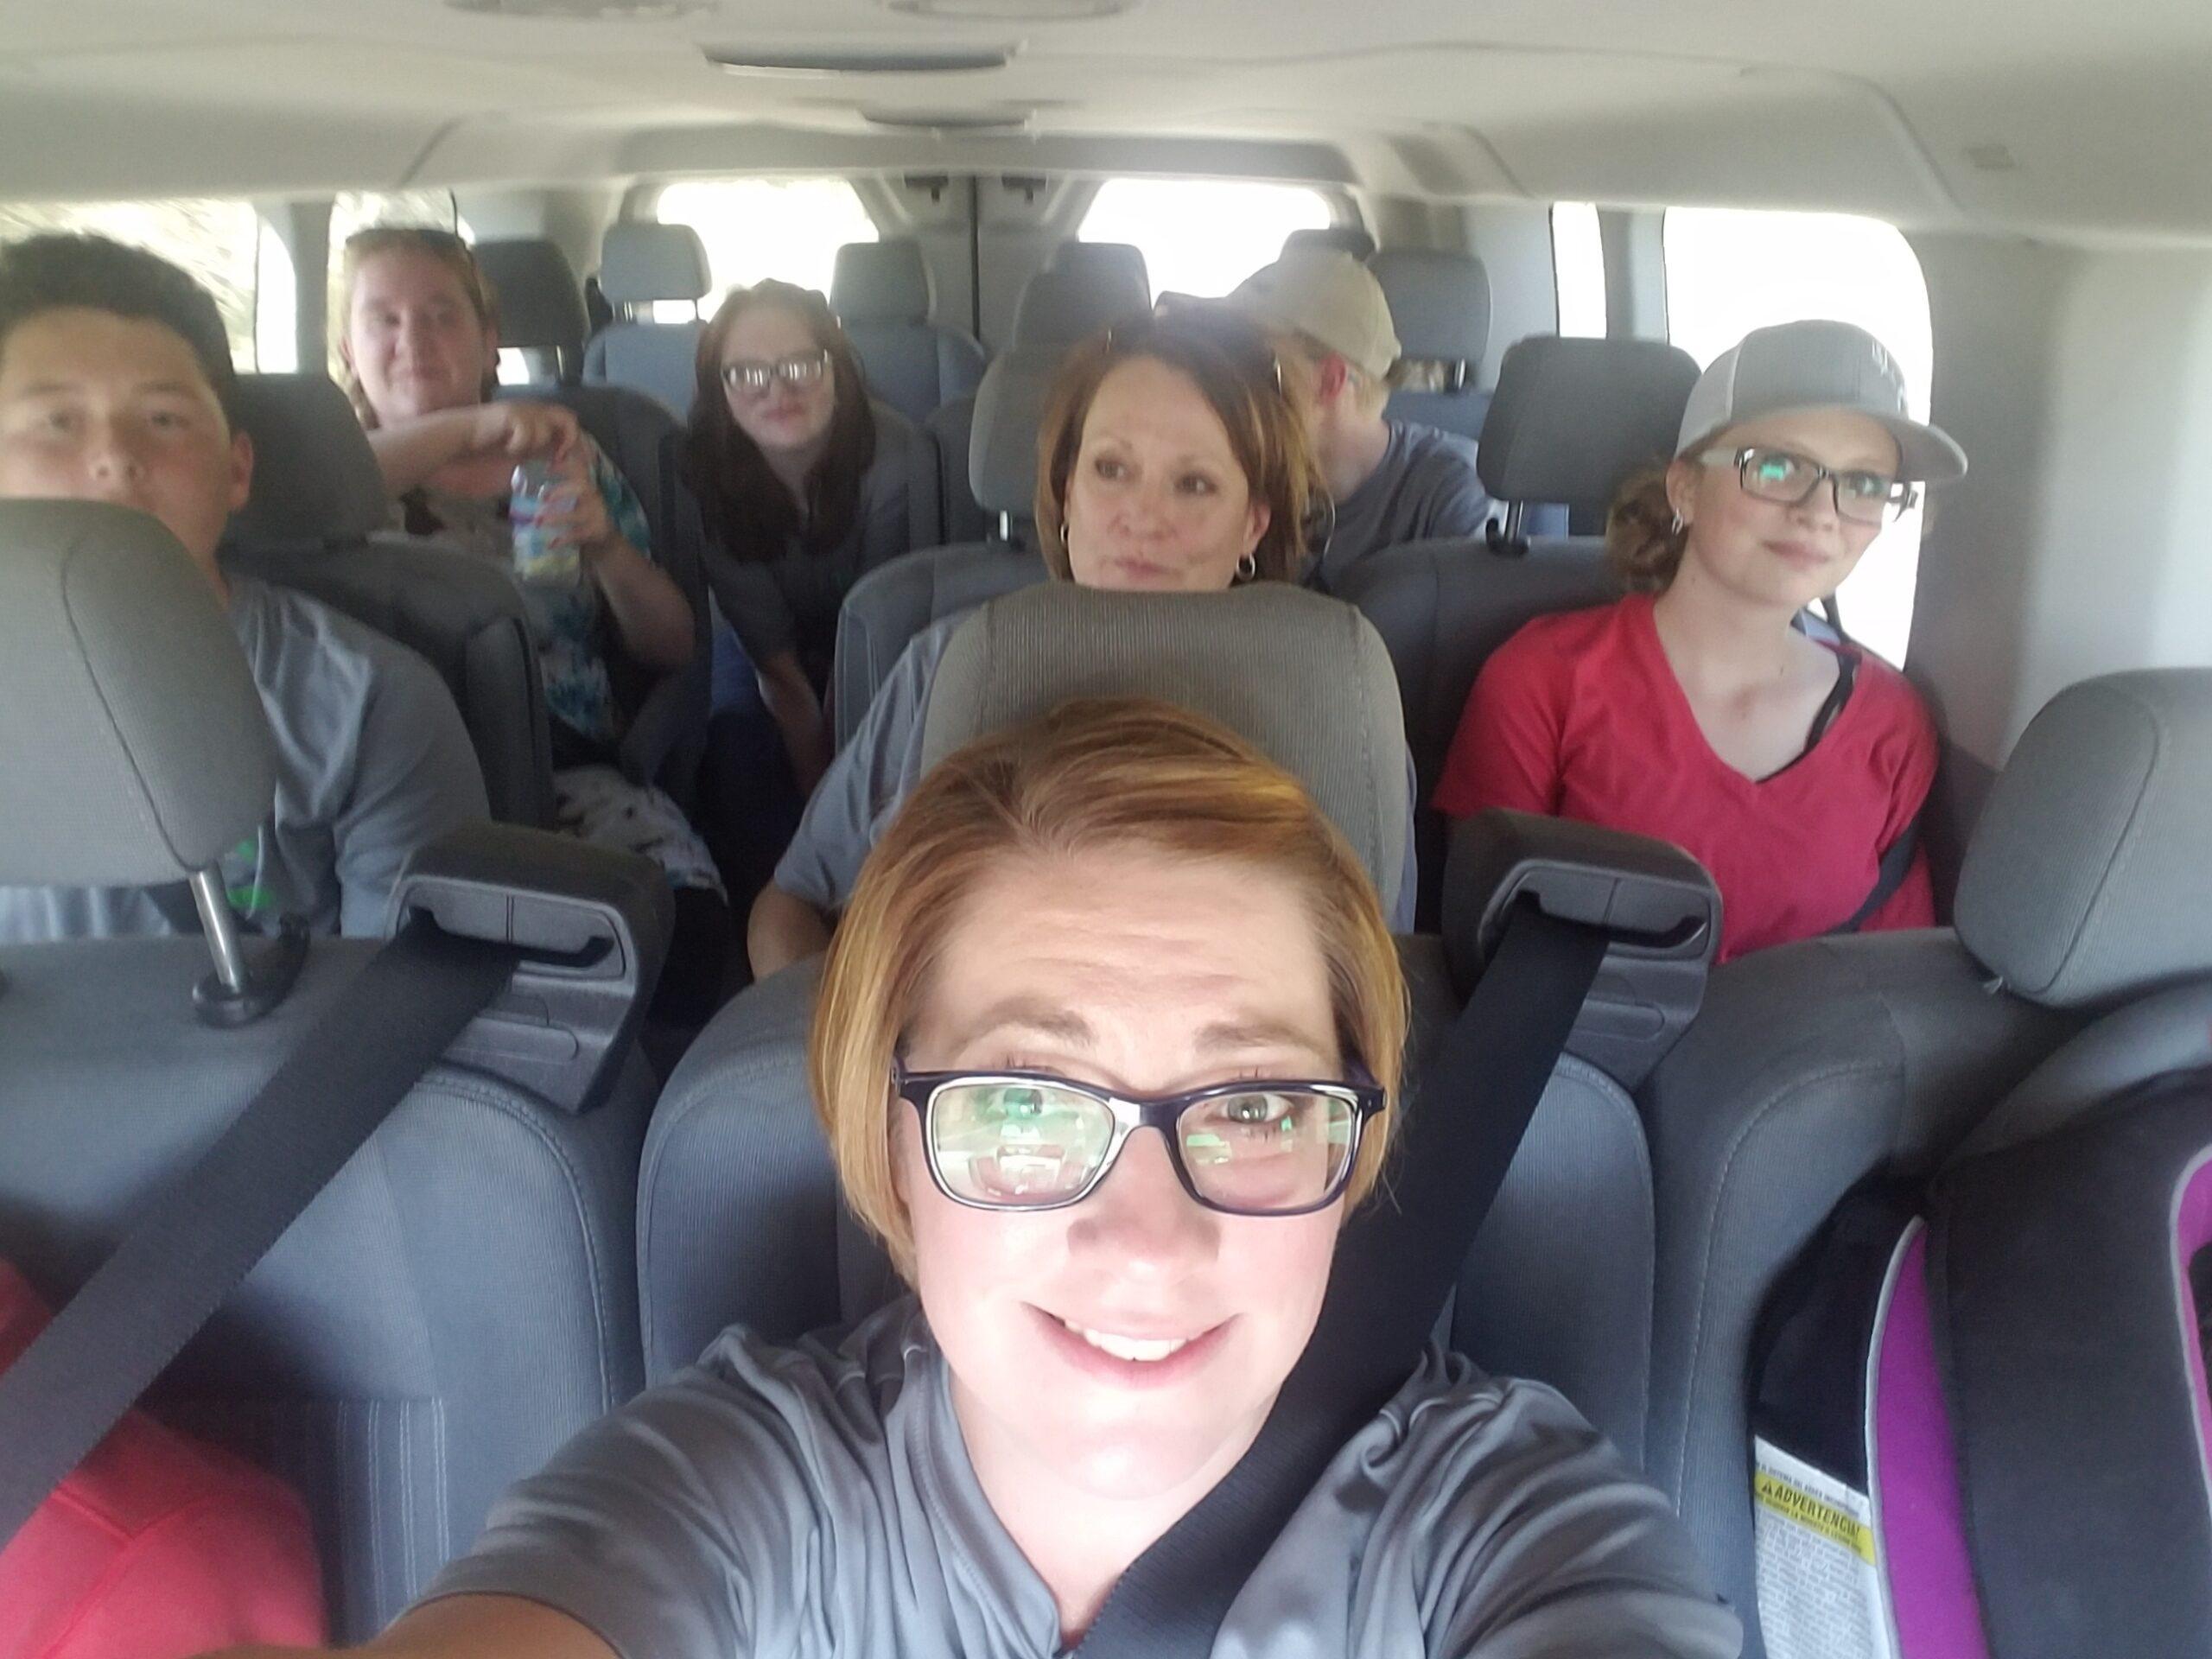 Tour of Job Corps in Weber, Utah